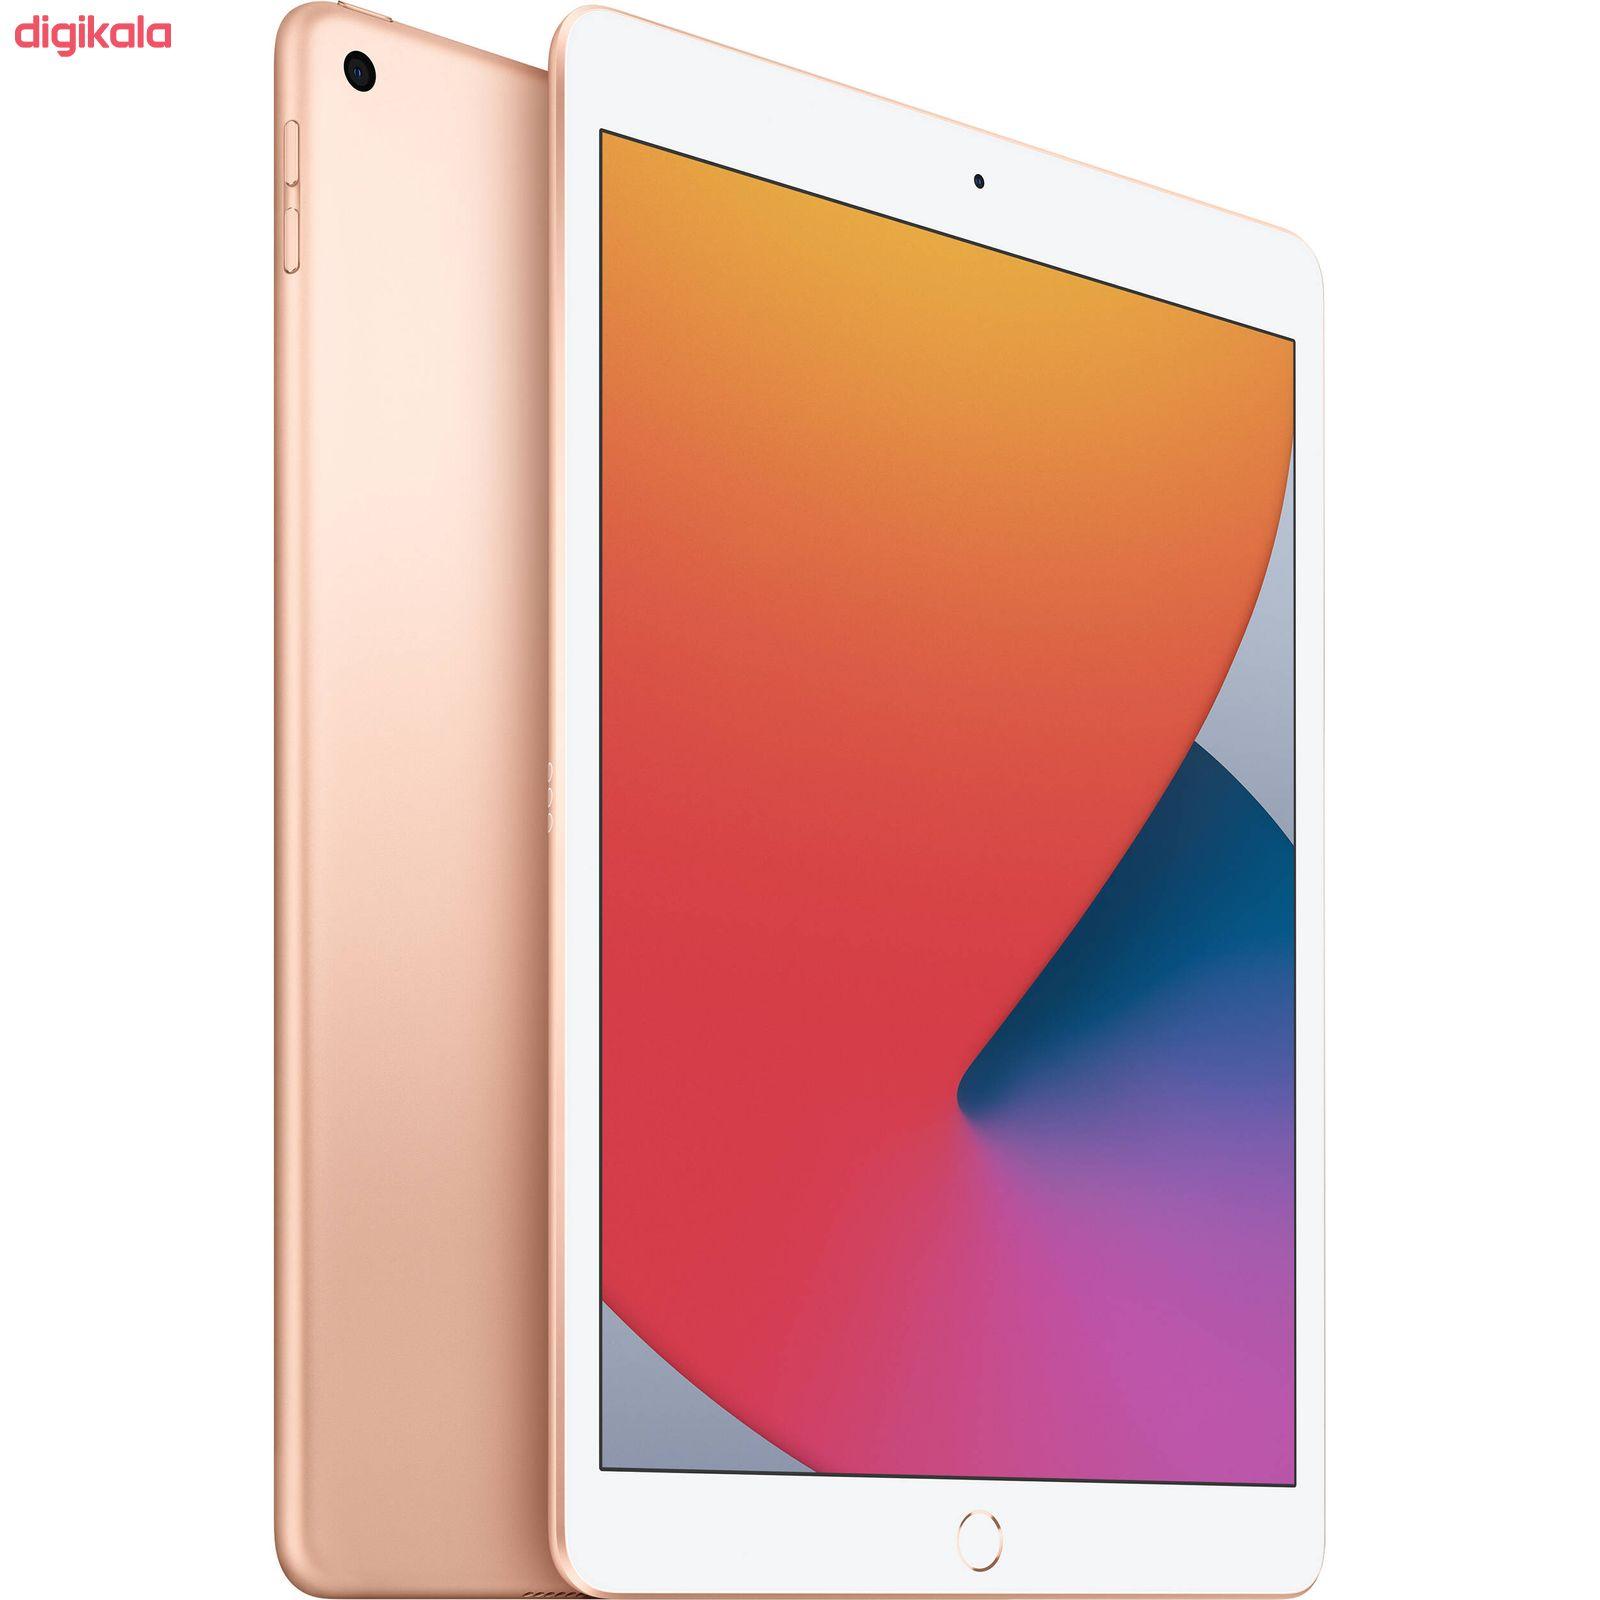 تبلت اپل مدل iPad 10.2 inch 2020 WiFi ظرفیت 32 گیگابایت  main 1 4